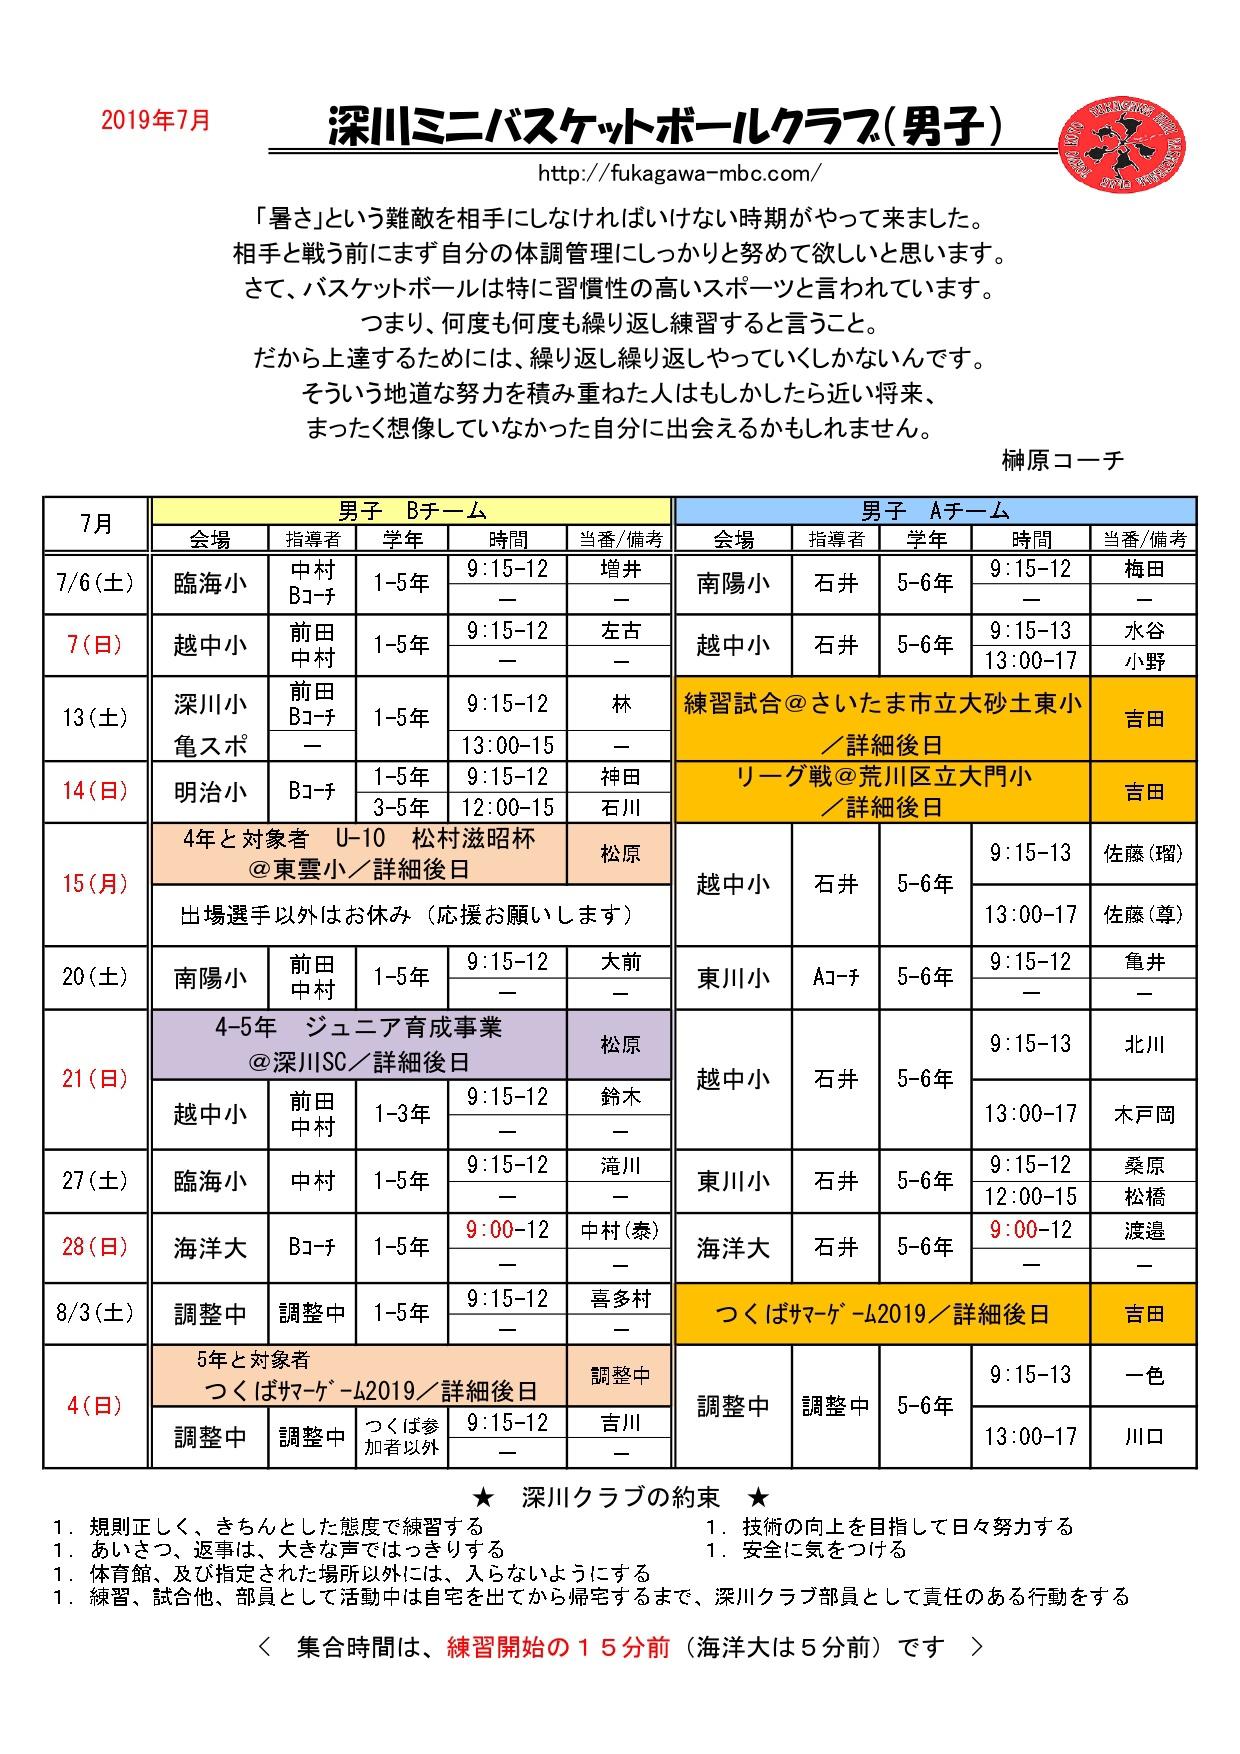 F461DFB5-18AF-42E2-9B04-A6217F58FC31